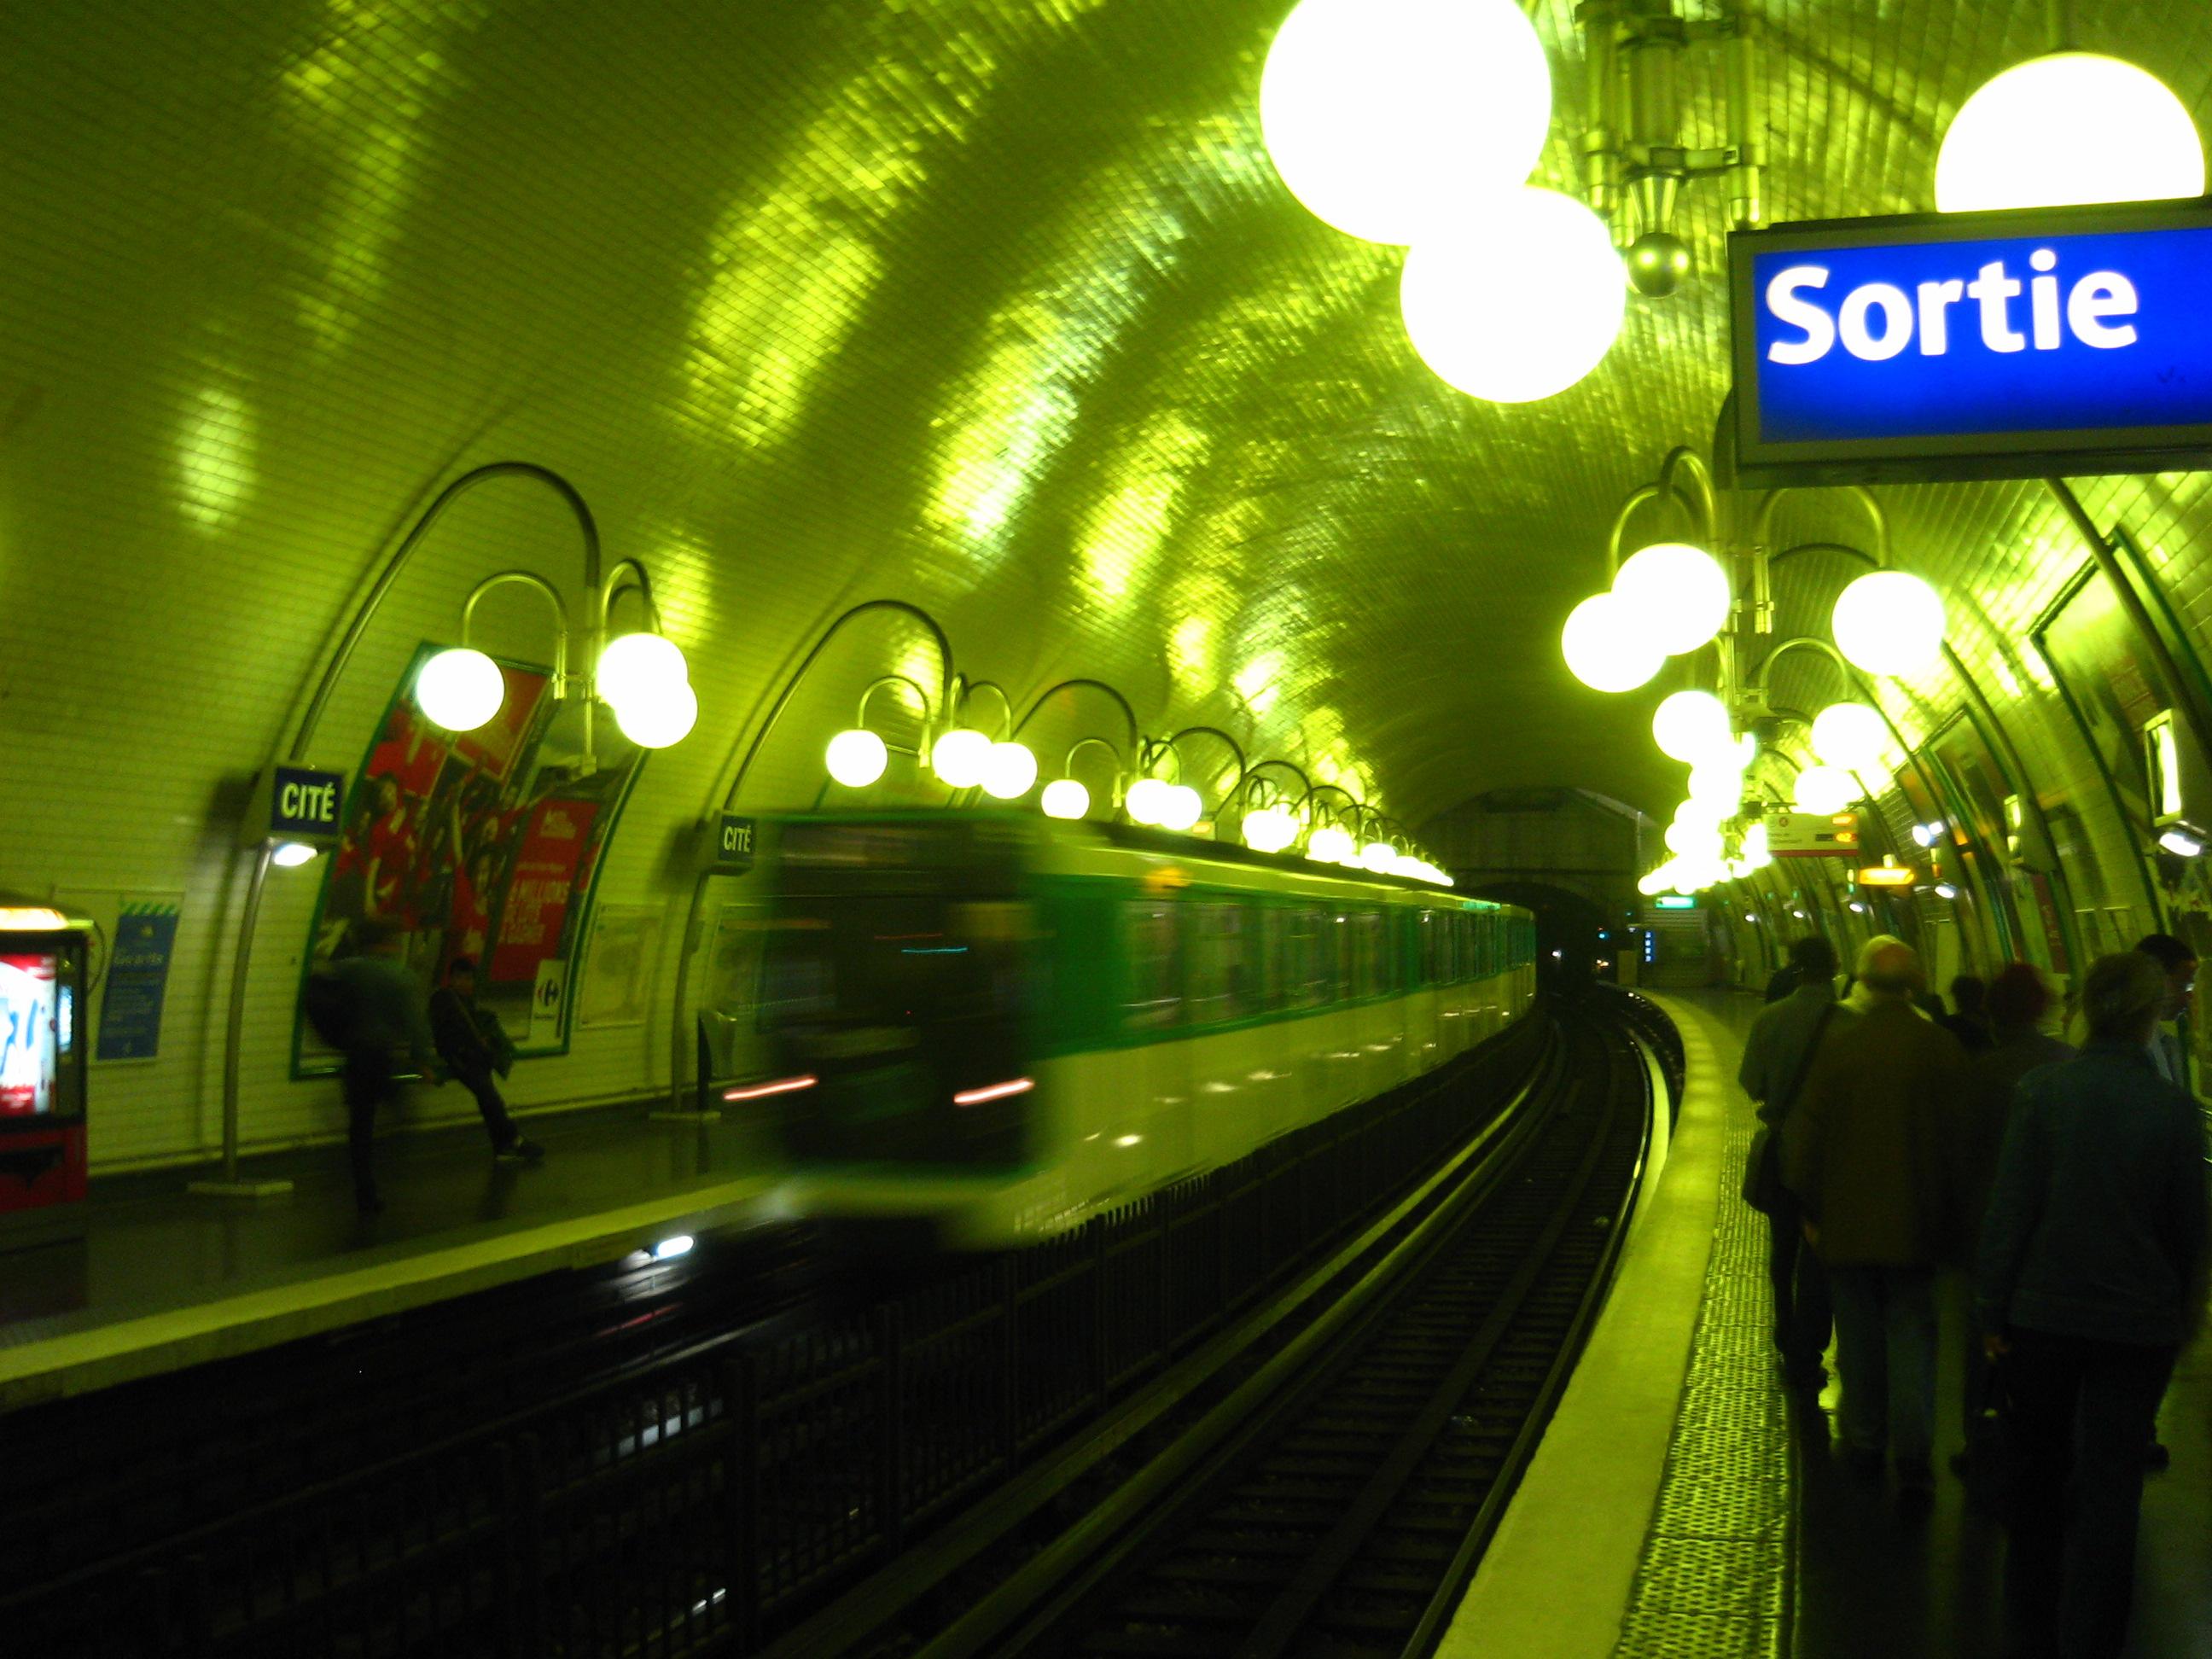 Train (RER? Metro?) Station